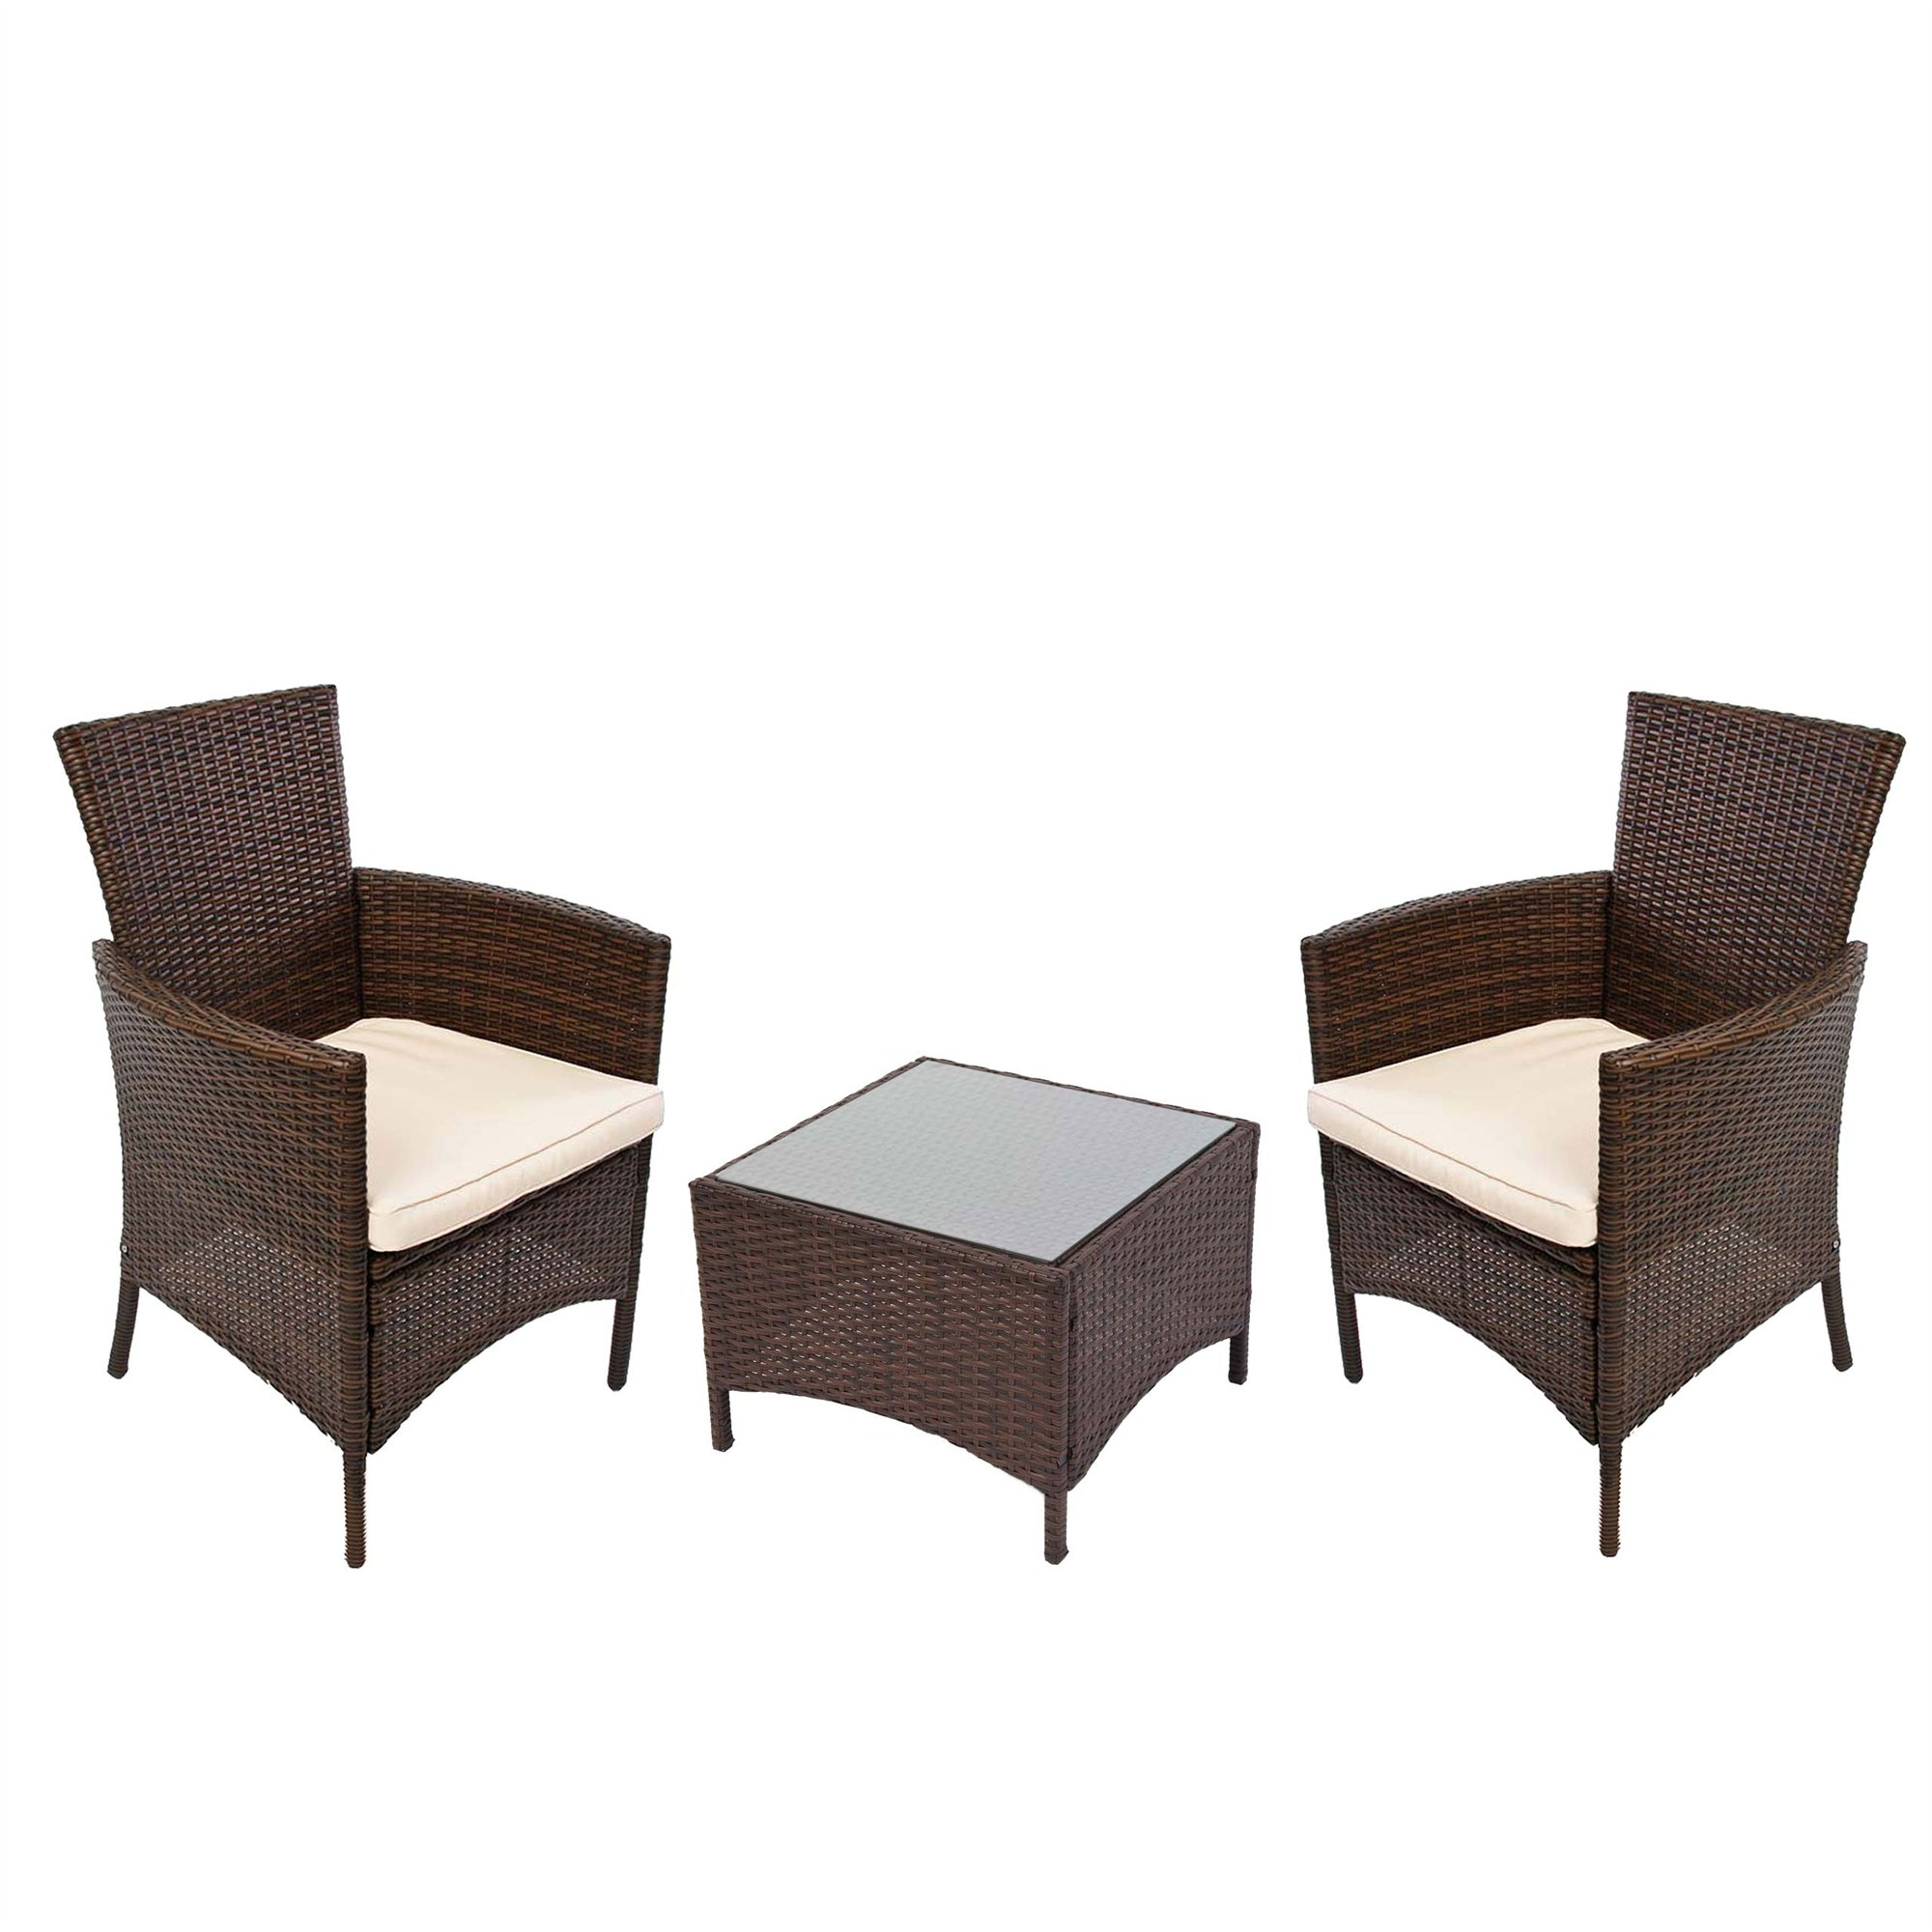 Ventajas de las sillas de mimbre para jard n for Muebles de mimbre para jardin